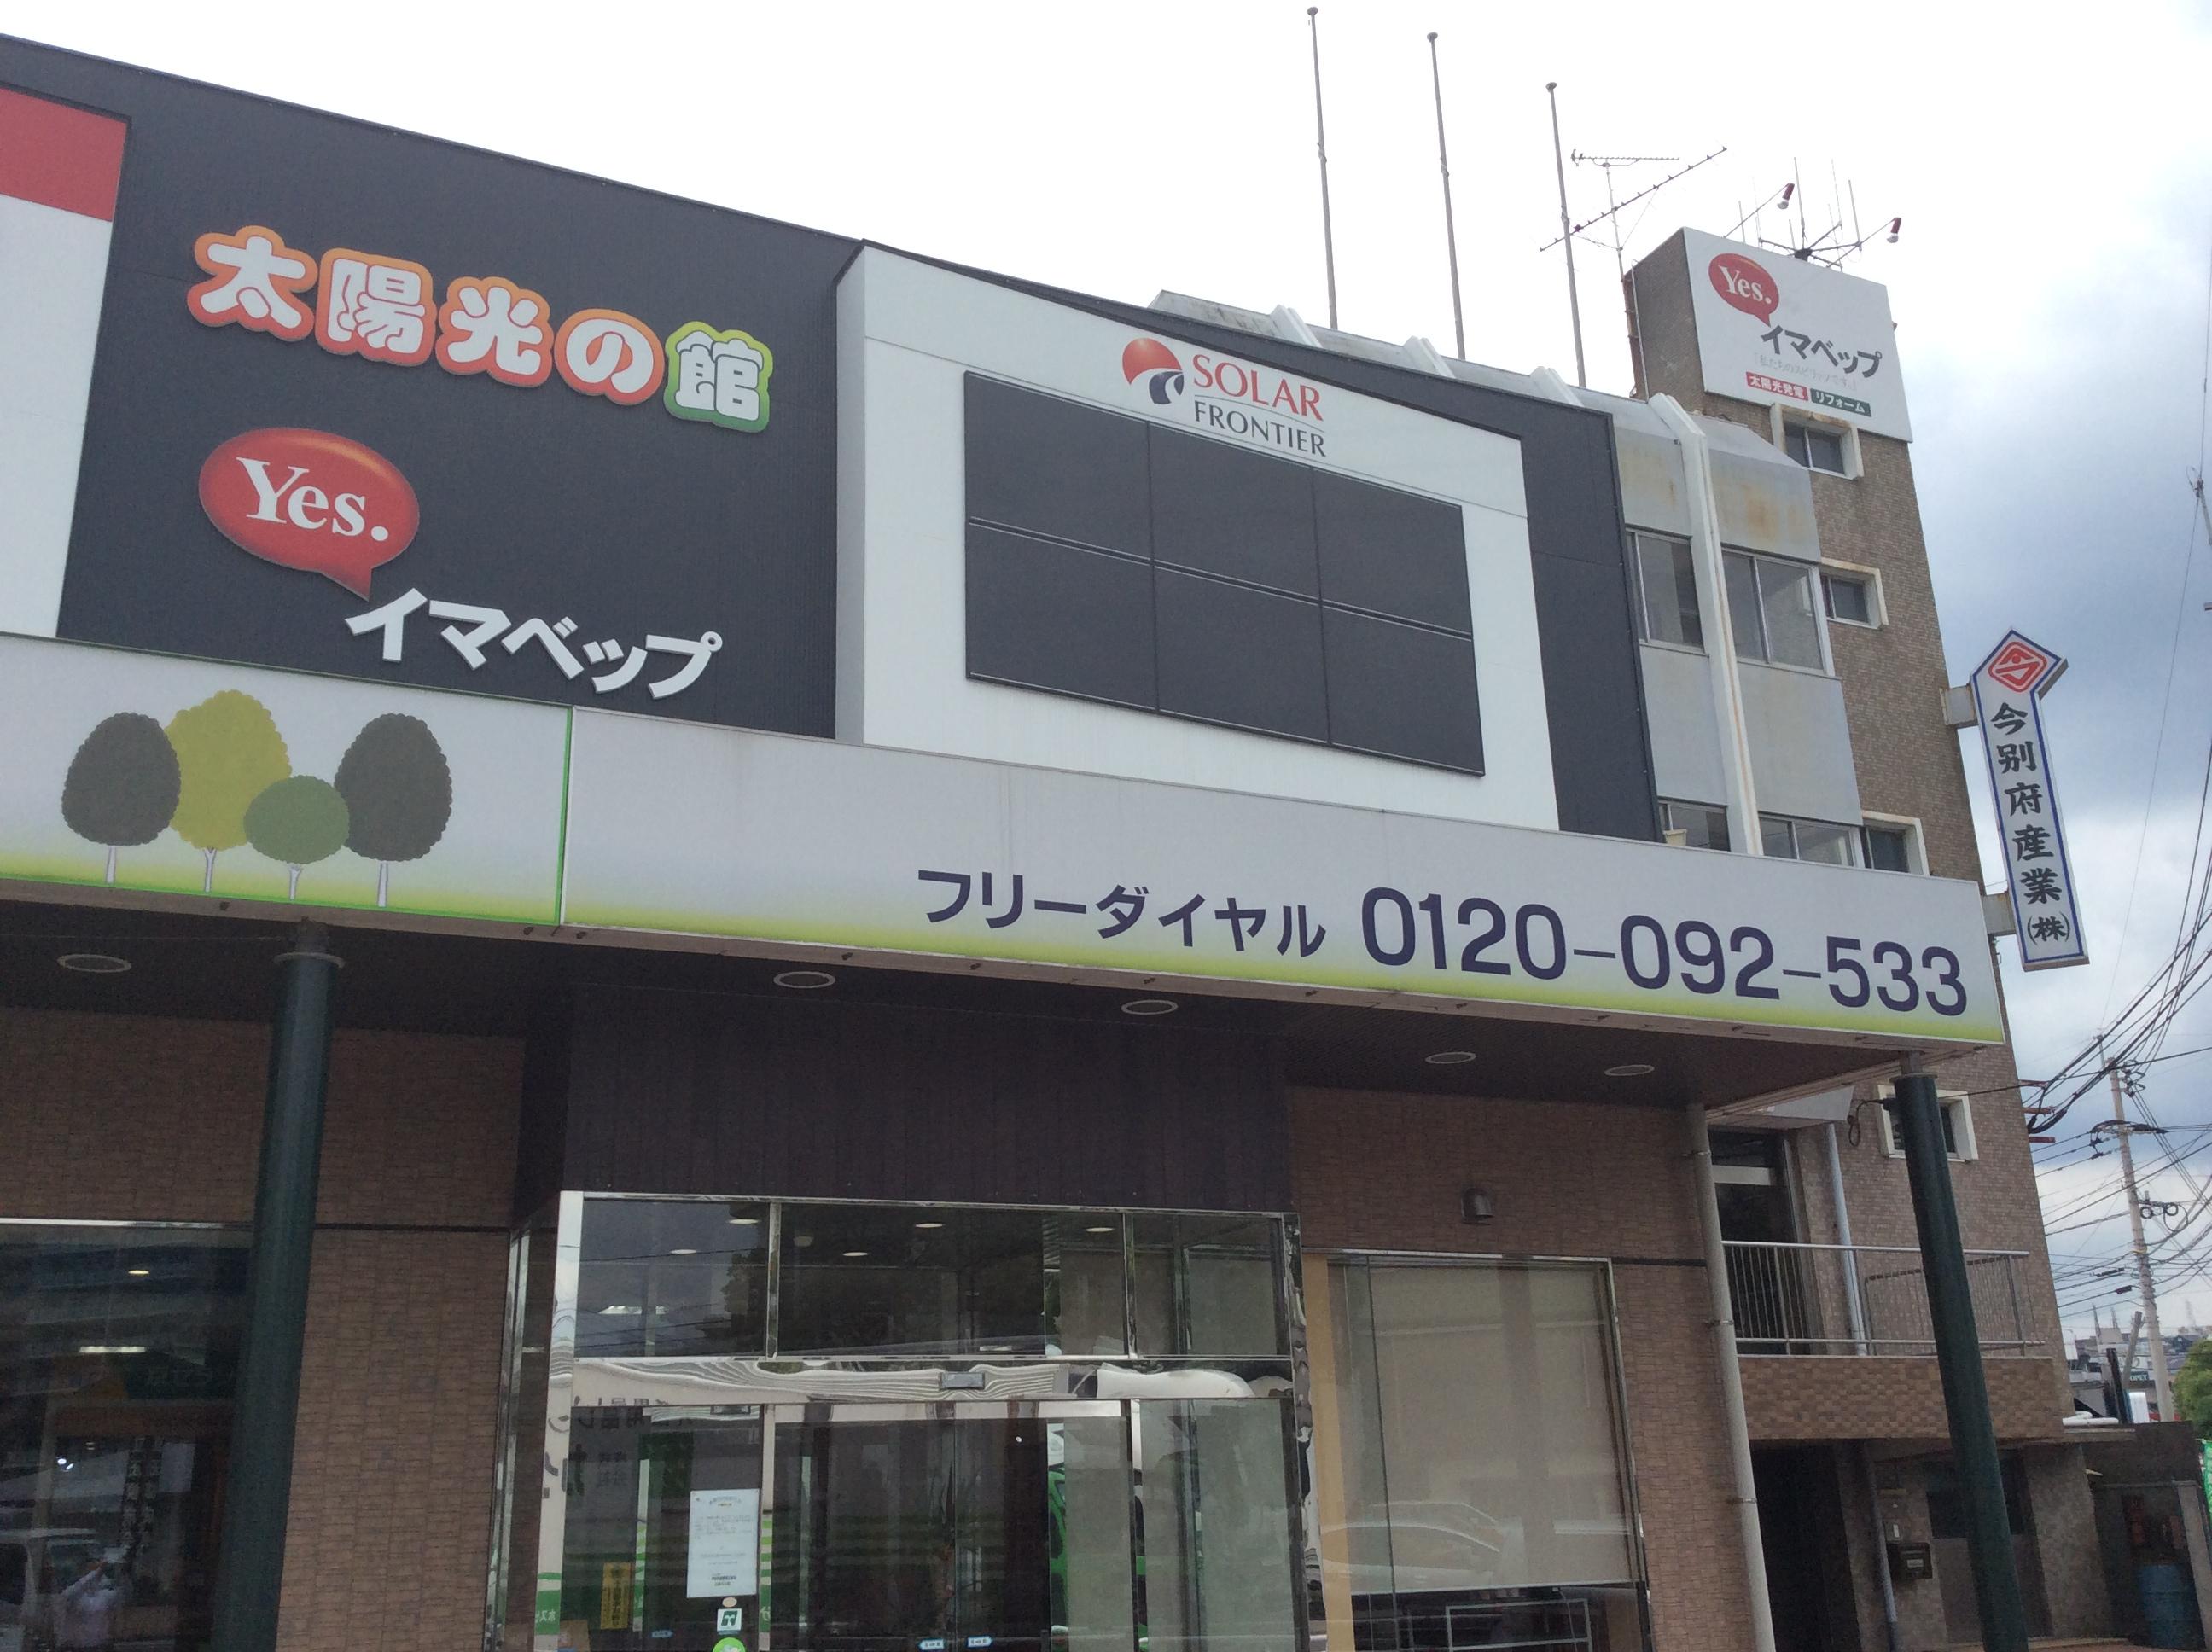 鹿児島へ企業訪問へ行ってきました(パート2)